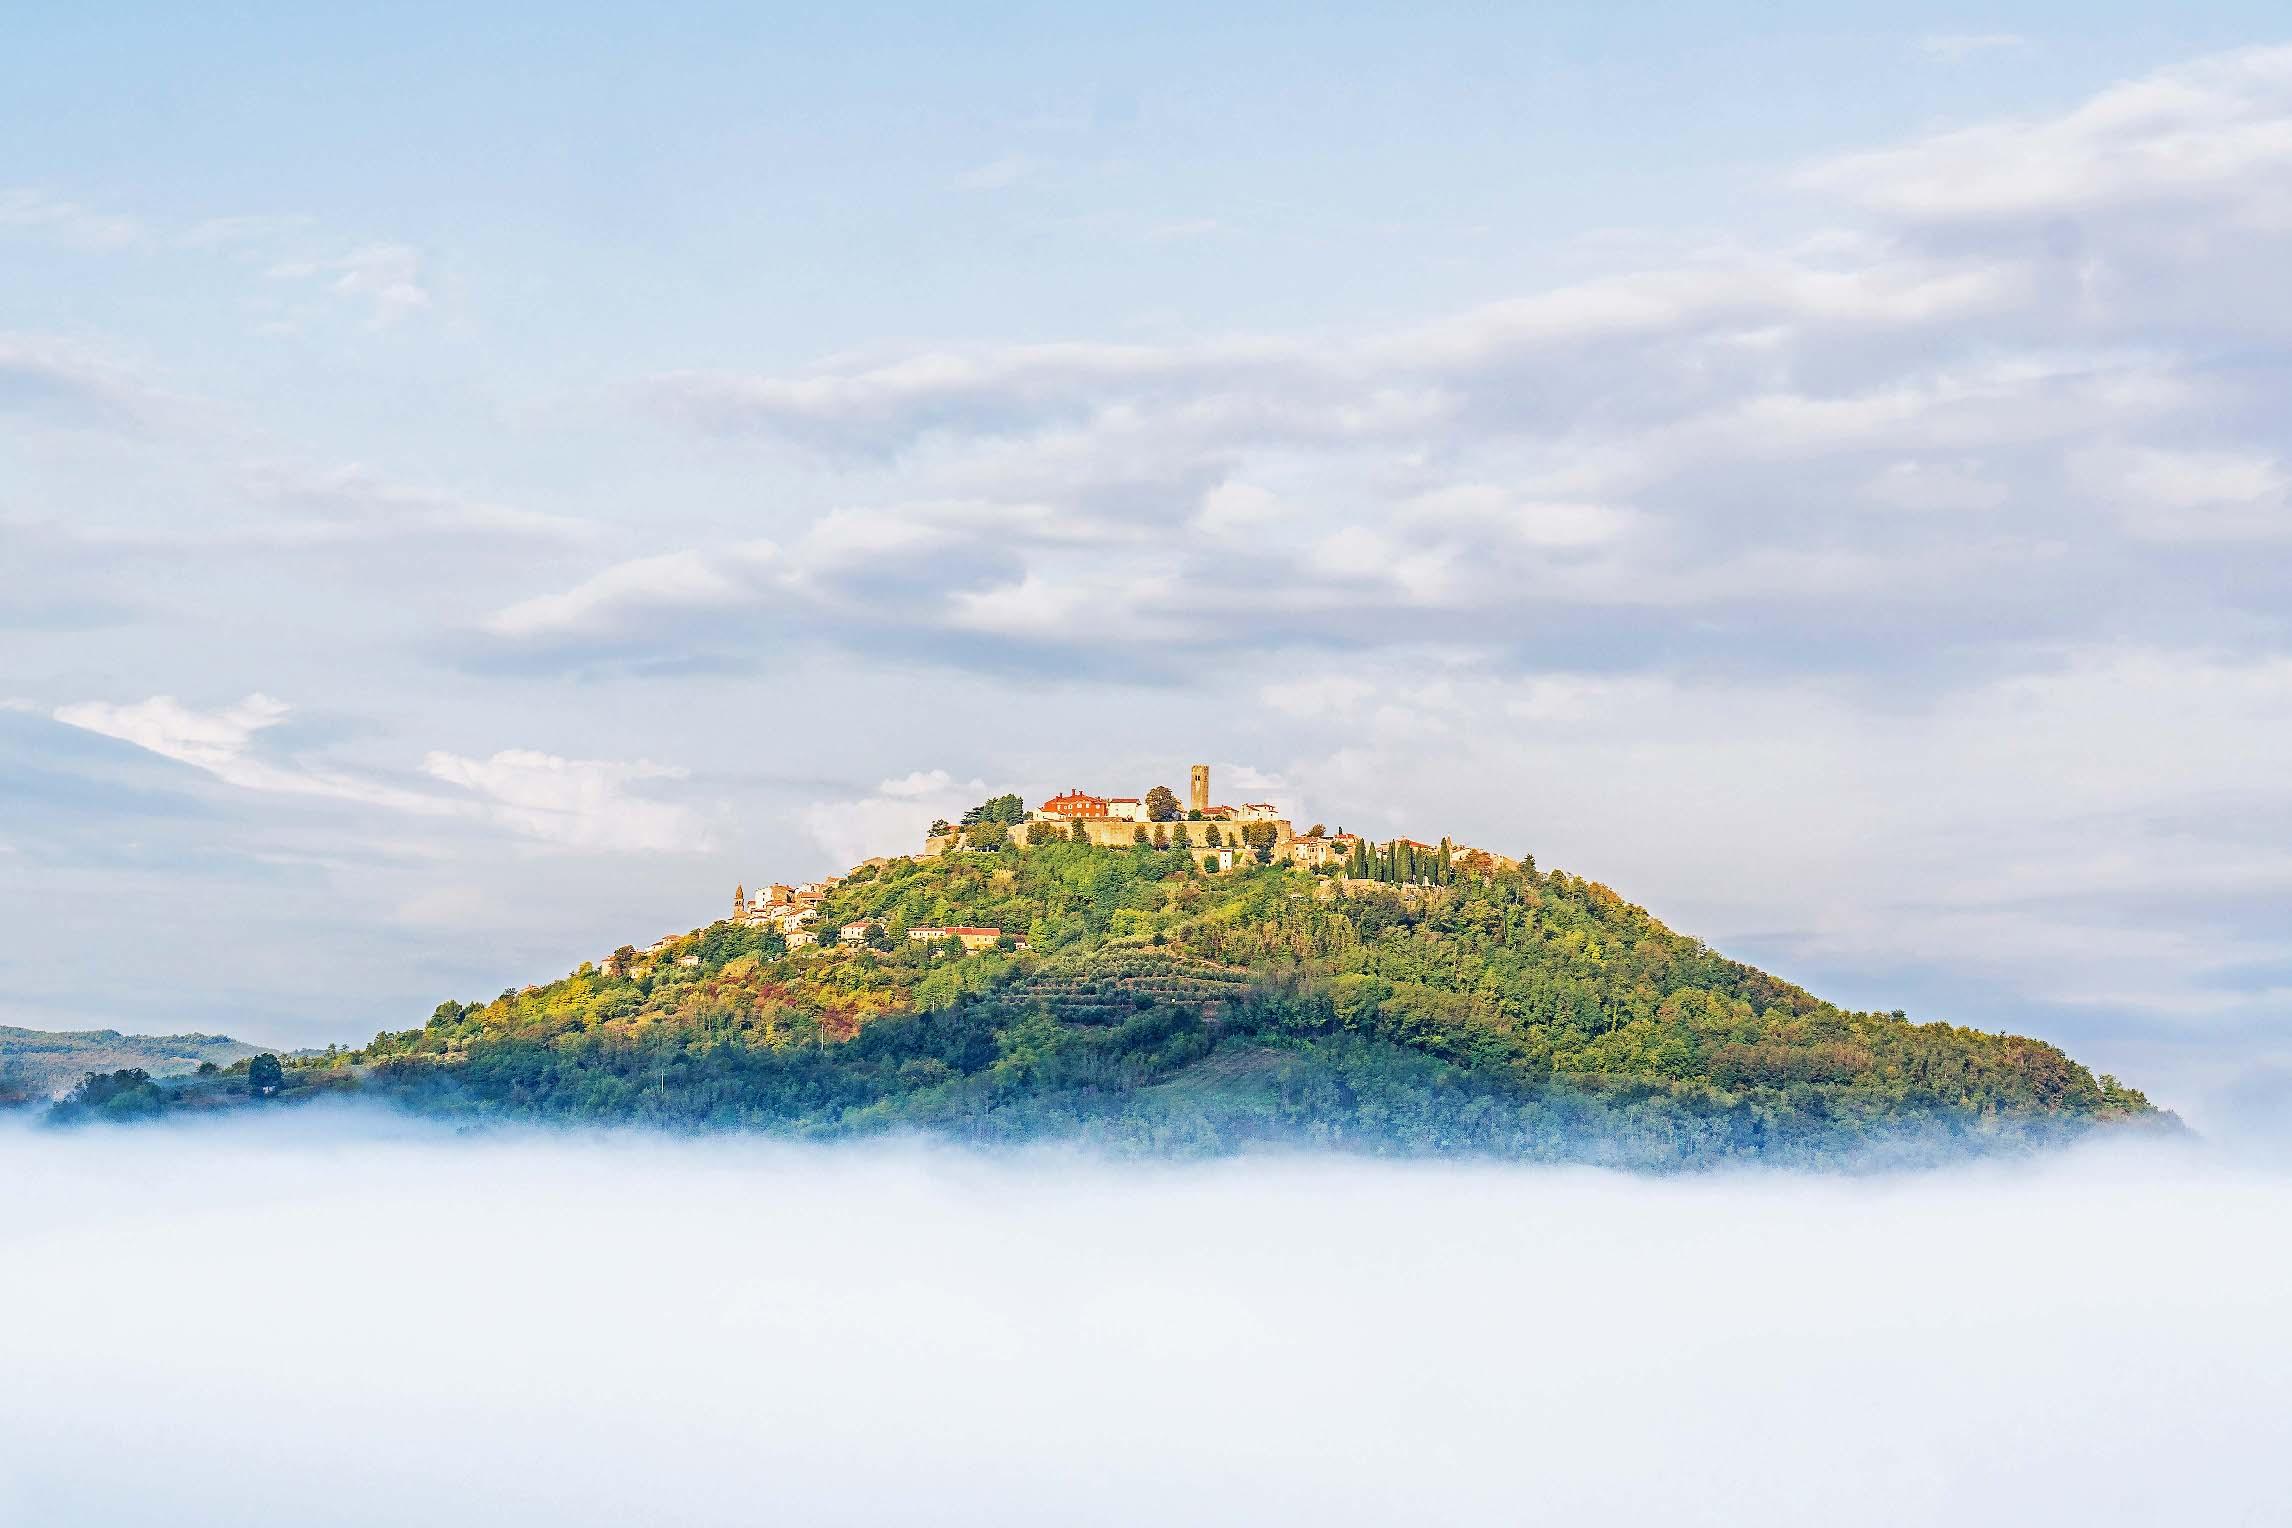 Motovun se nalazi u dolini rijeke Mirne, na brežuljku visokom 277 metara